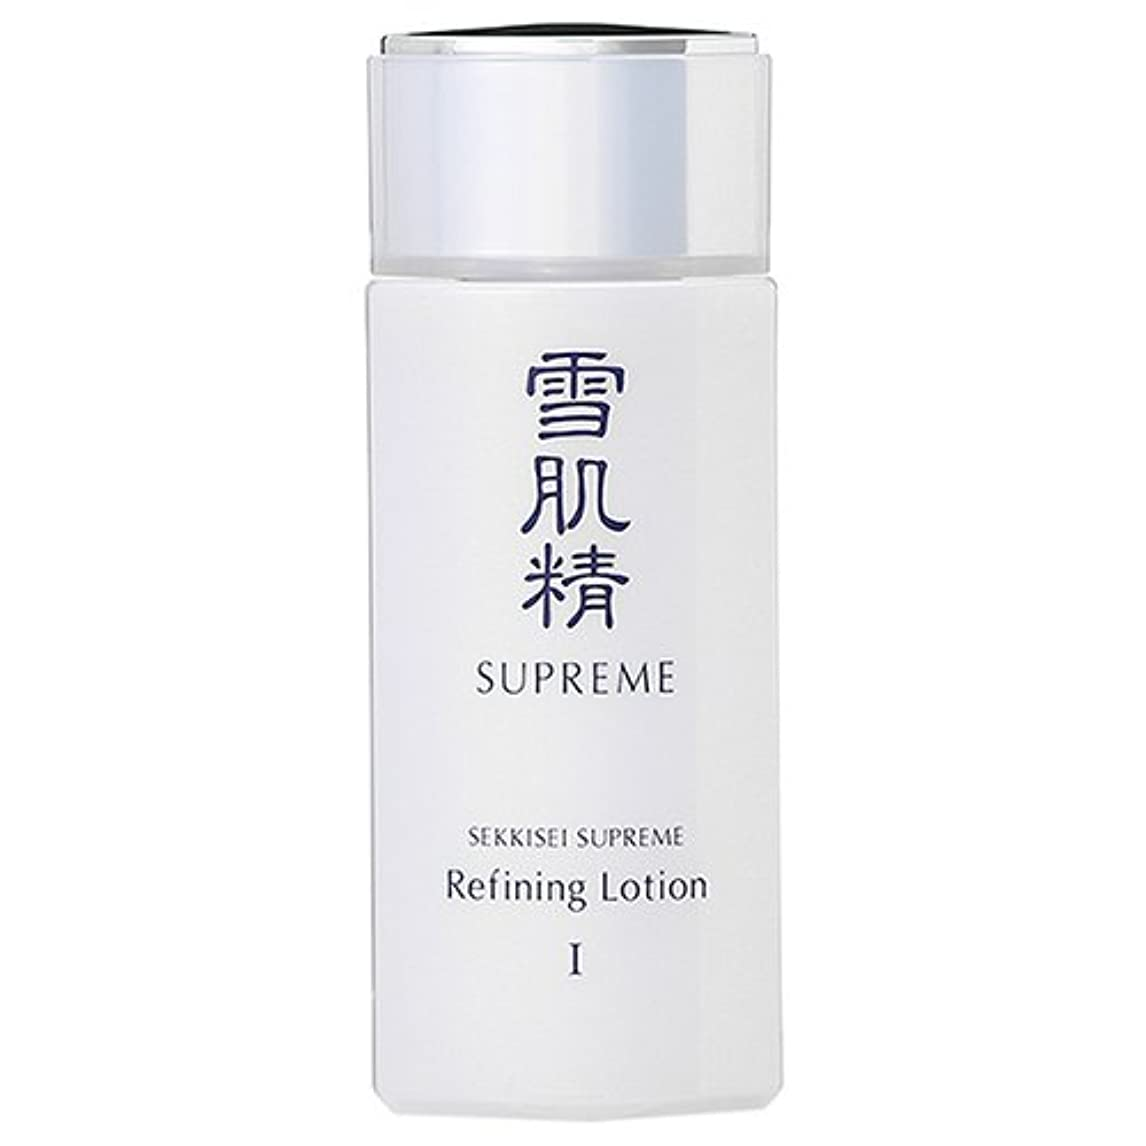 望ましい調整する一生コーセー 雪肌精 シュープレム 化粧水 140mL II (在庫)